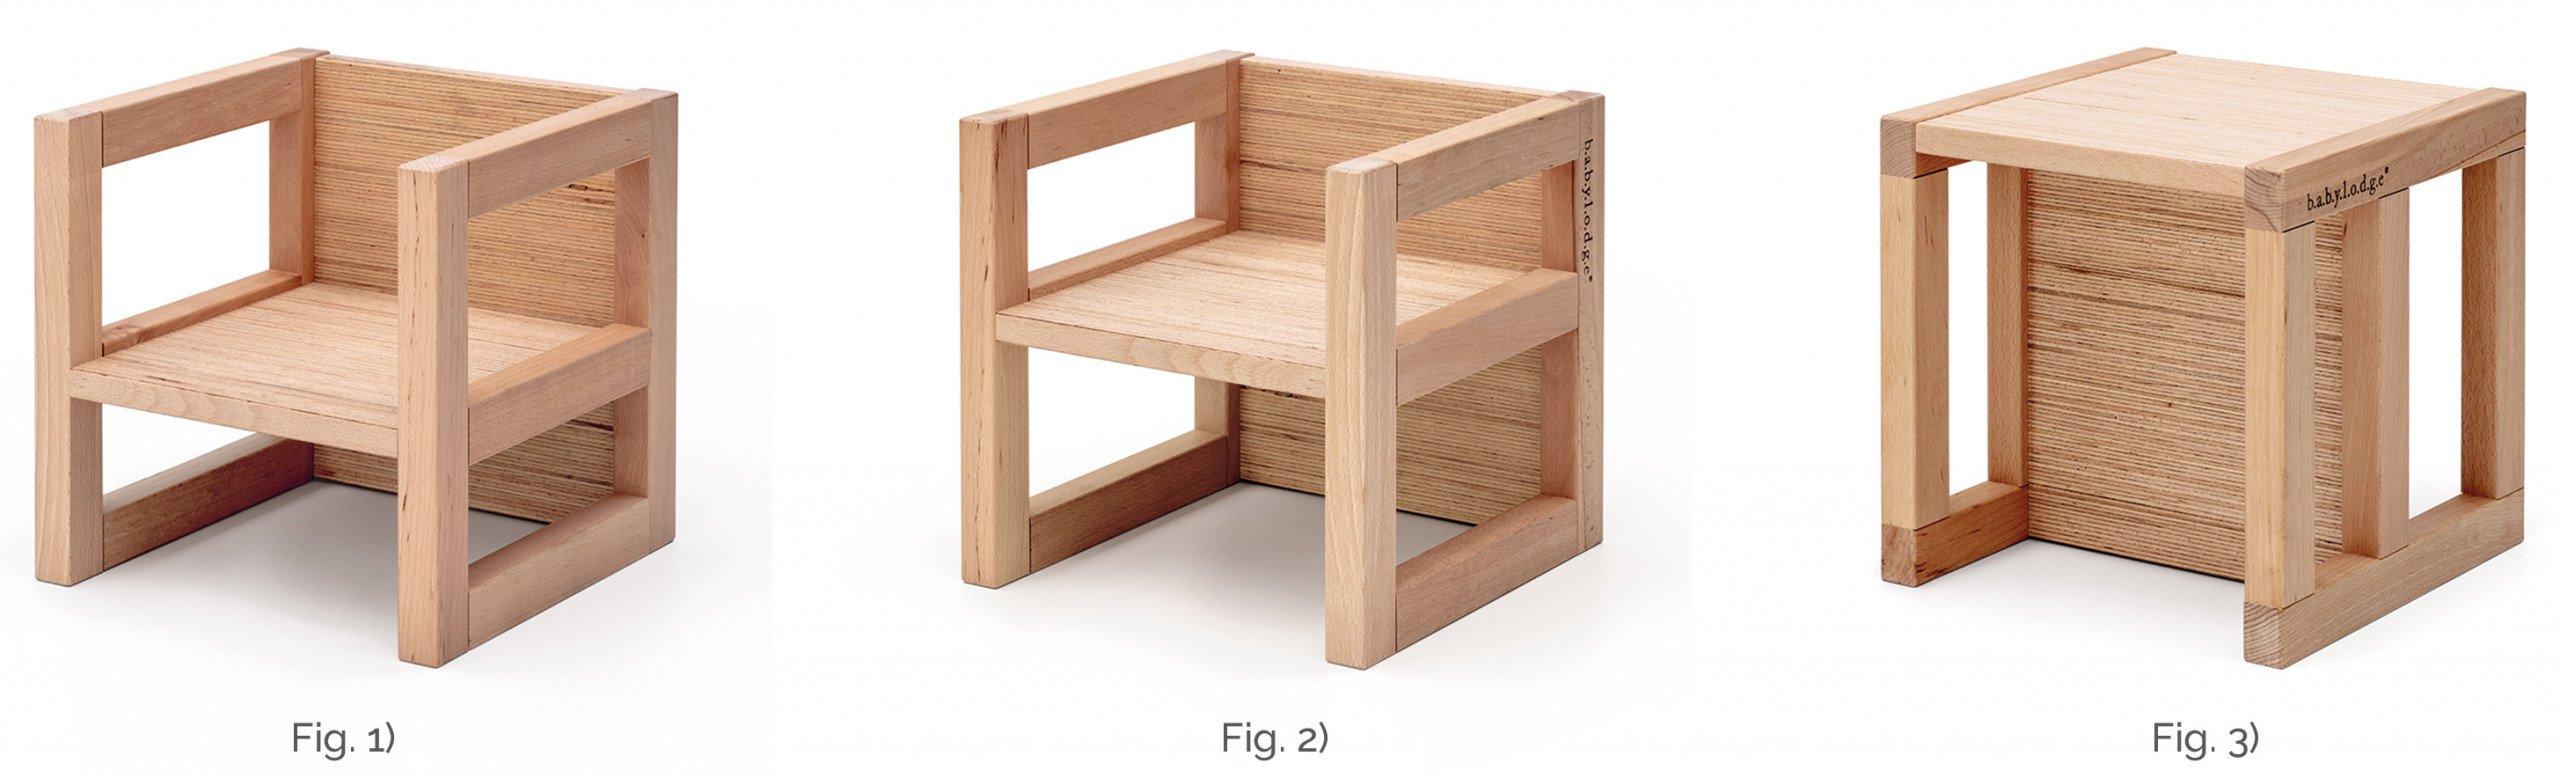 sedia e sgabello Montessori in legno di faggio massello